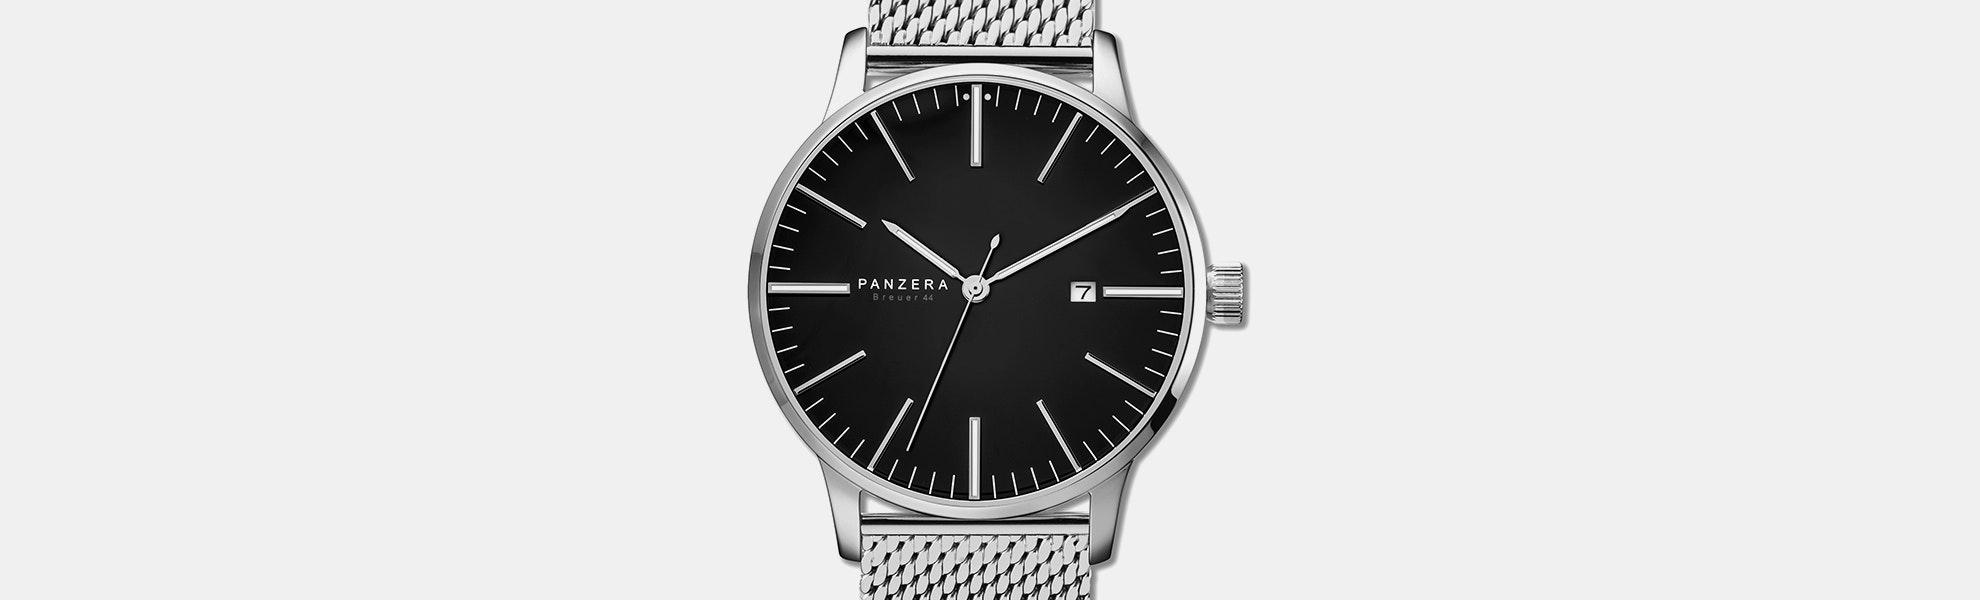 Panzera Breuer Automatic Watch